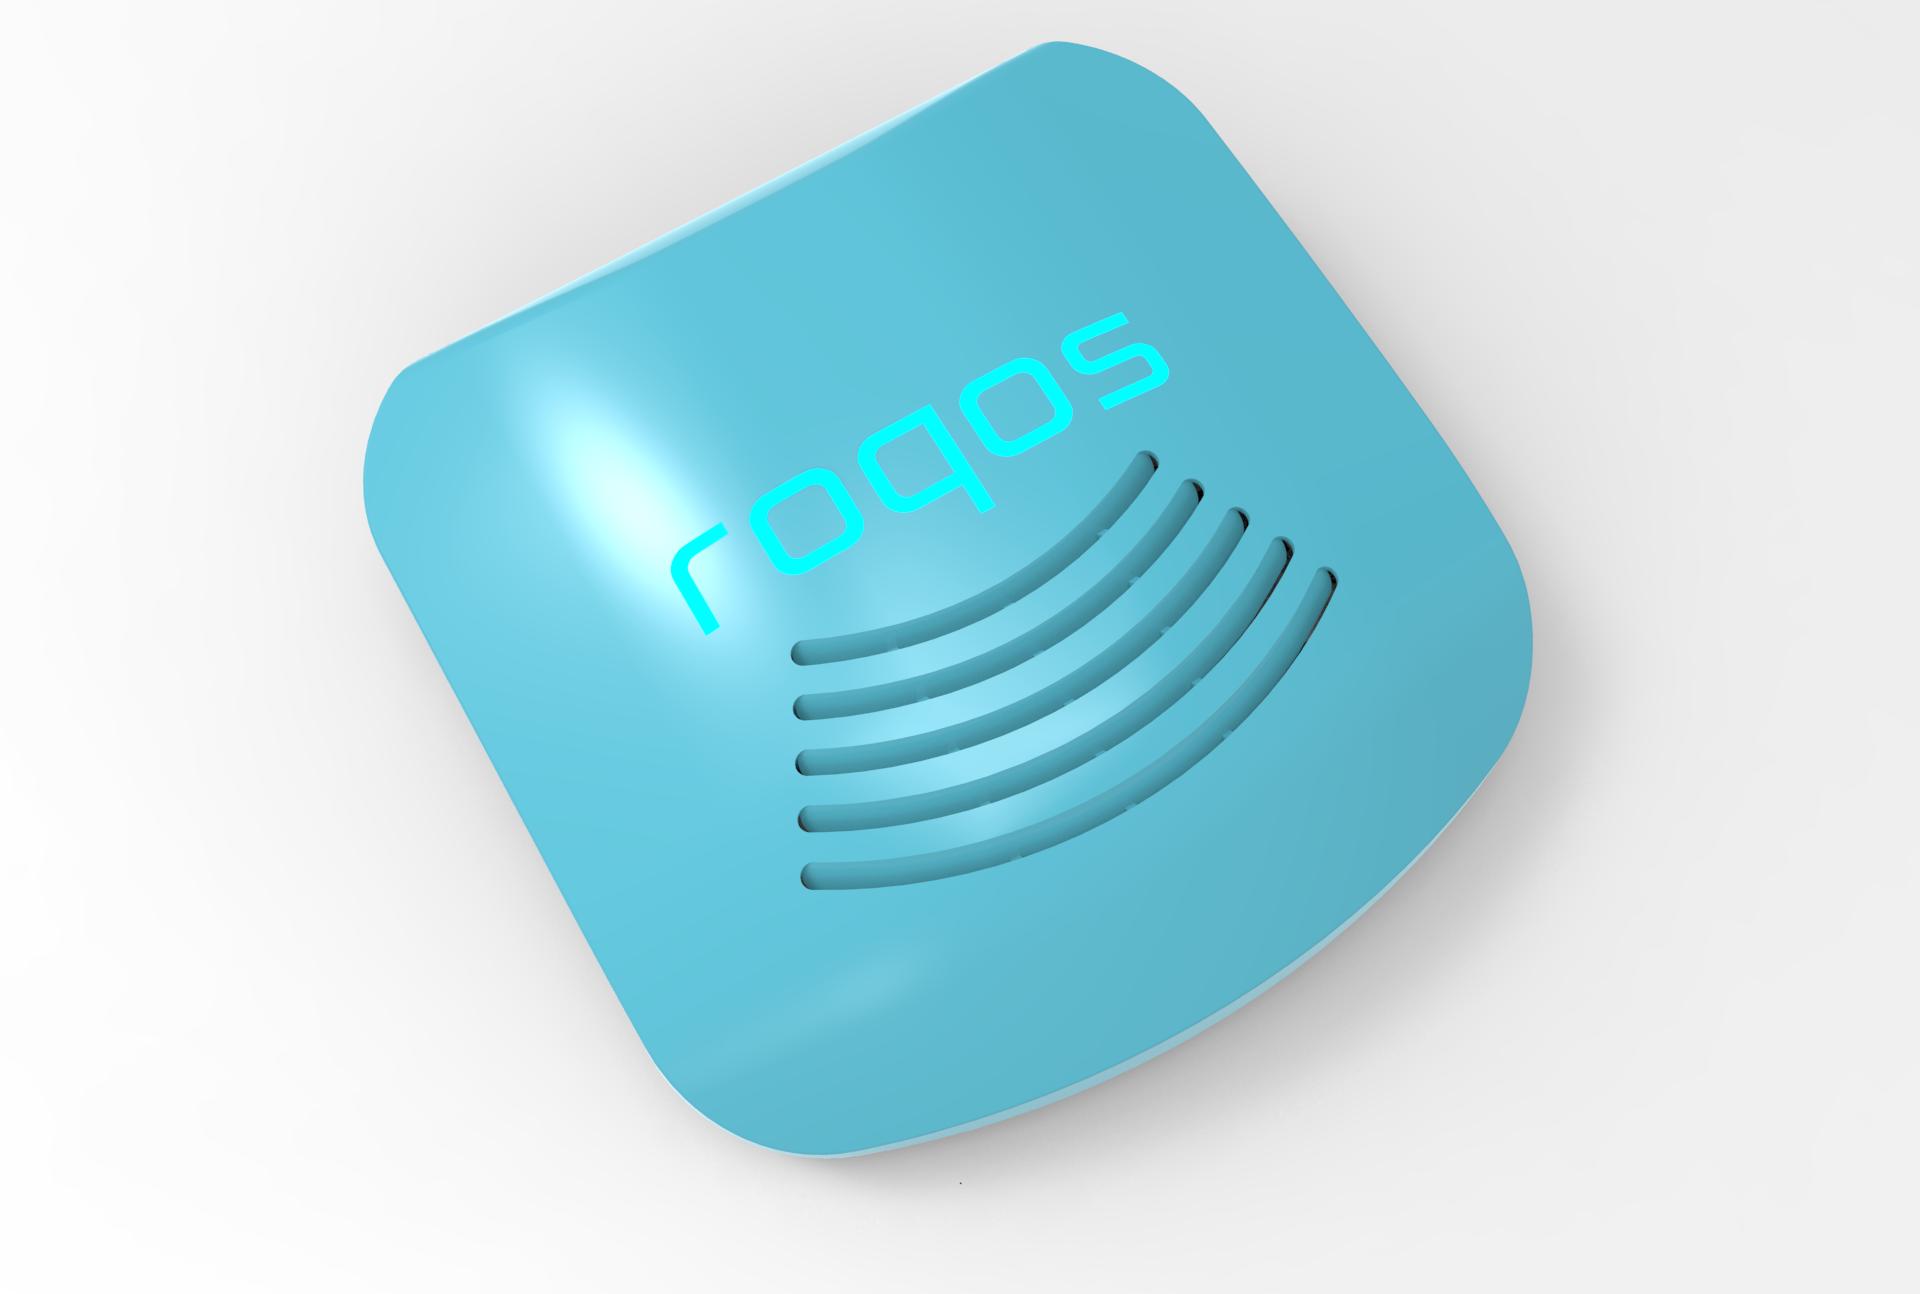 20170129_solaris-design-roqos-03